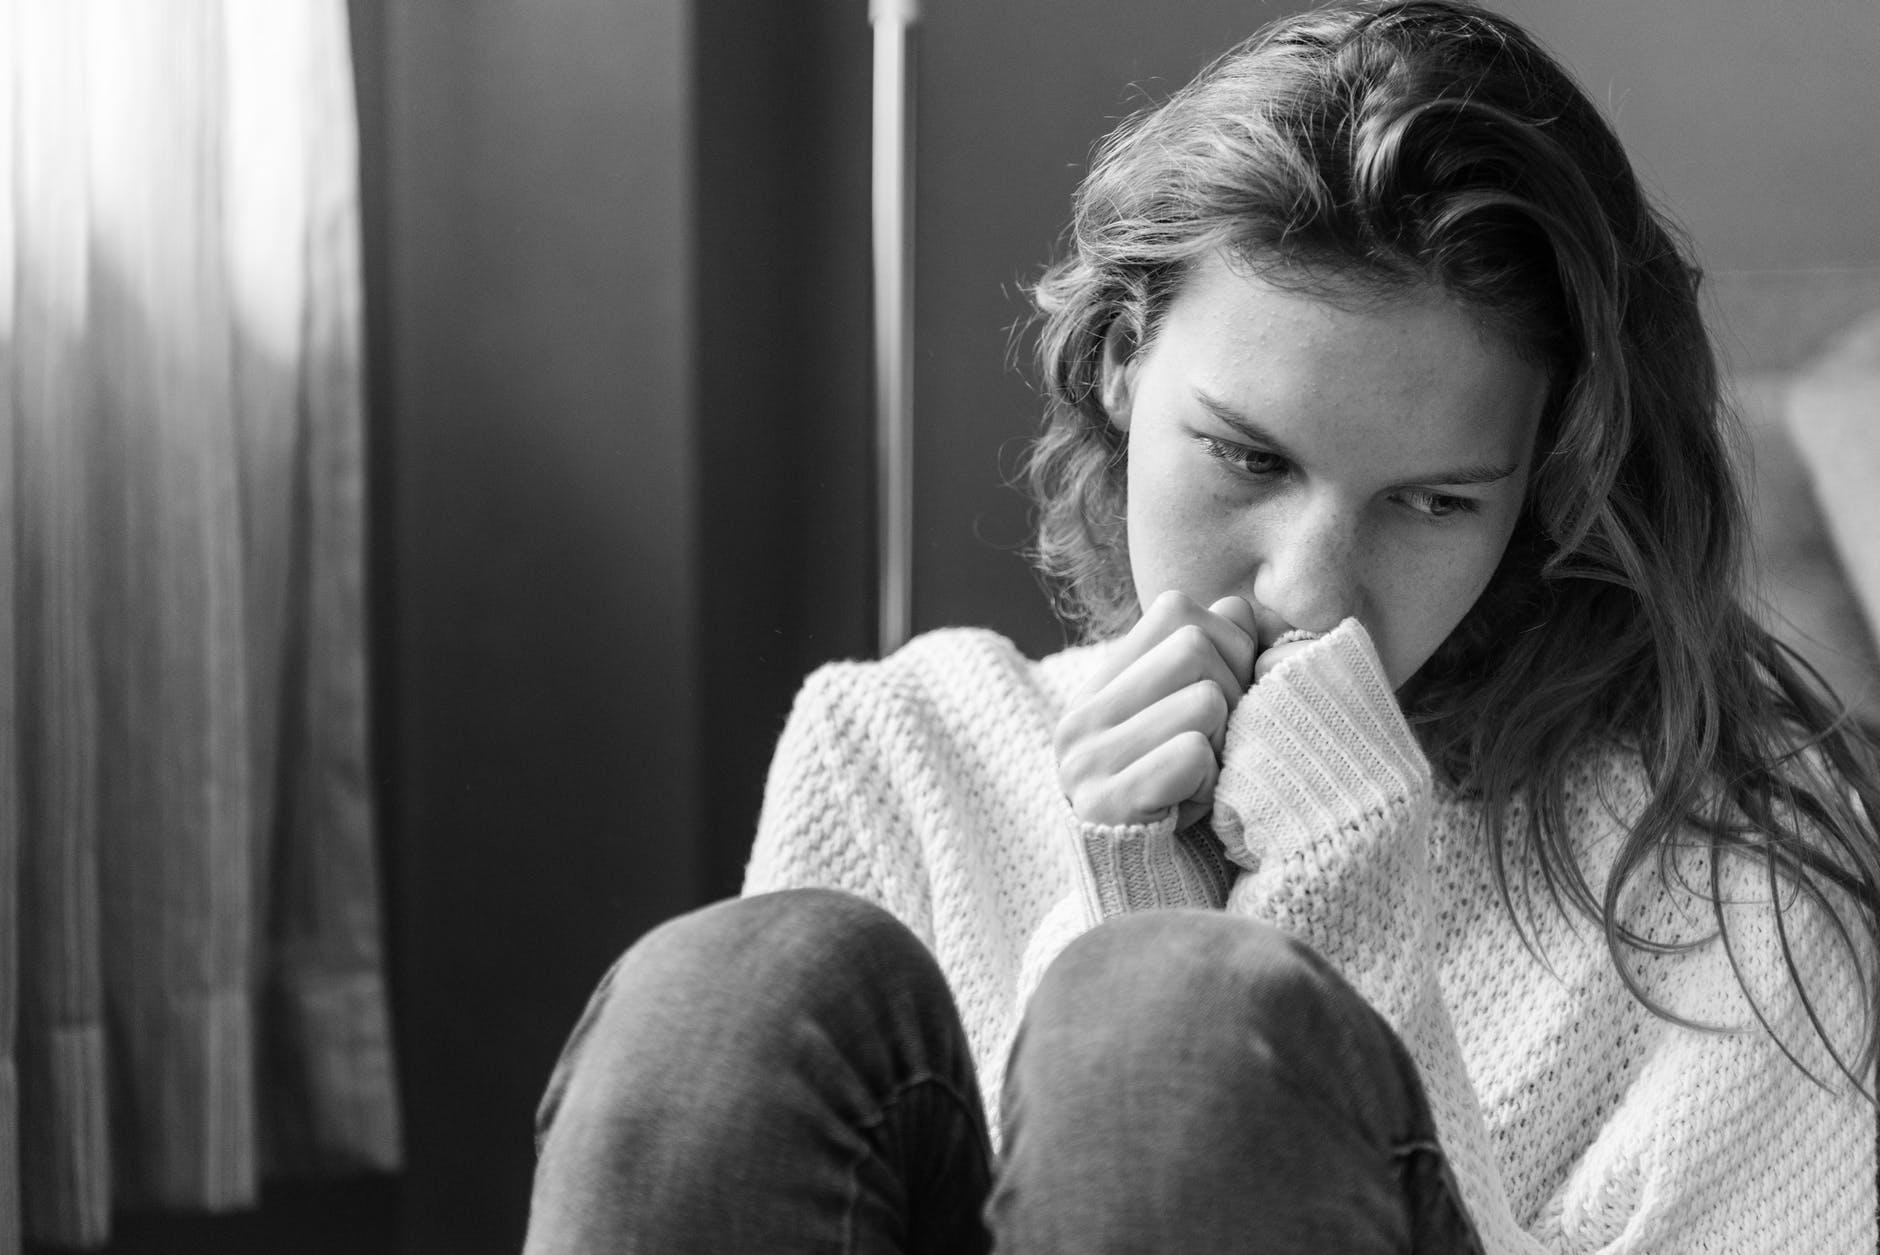 Mąż wyrzucił żonę z domu dla kochanki. Nie spodziewał się jednak tak okrutnej zemsty